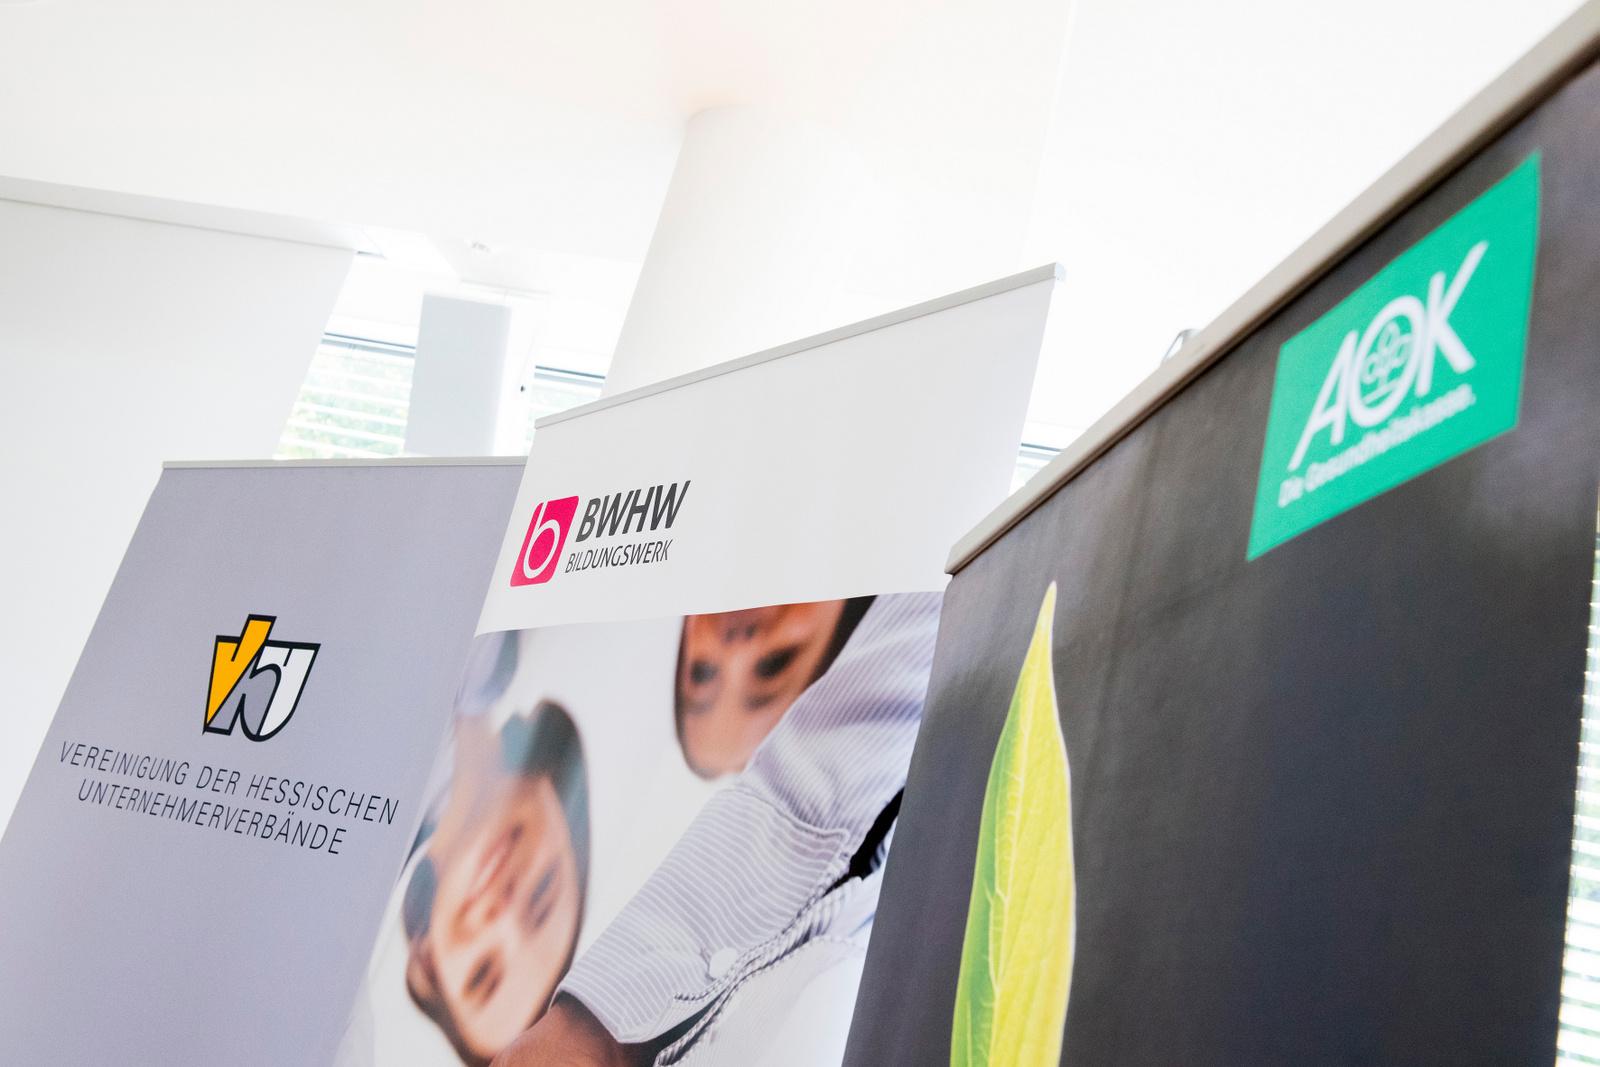 DGD-Kliniken Geschäftsführer Dr. Michael Gerhard erhält von Staatsminister Dr. Wolfgang Dippel die von beiden unterschriebene Charta (Fotografien: Katrin Denkewitz, Bad Homburg).